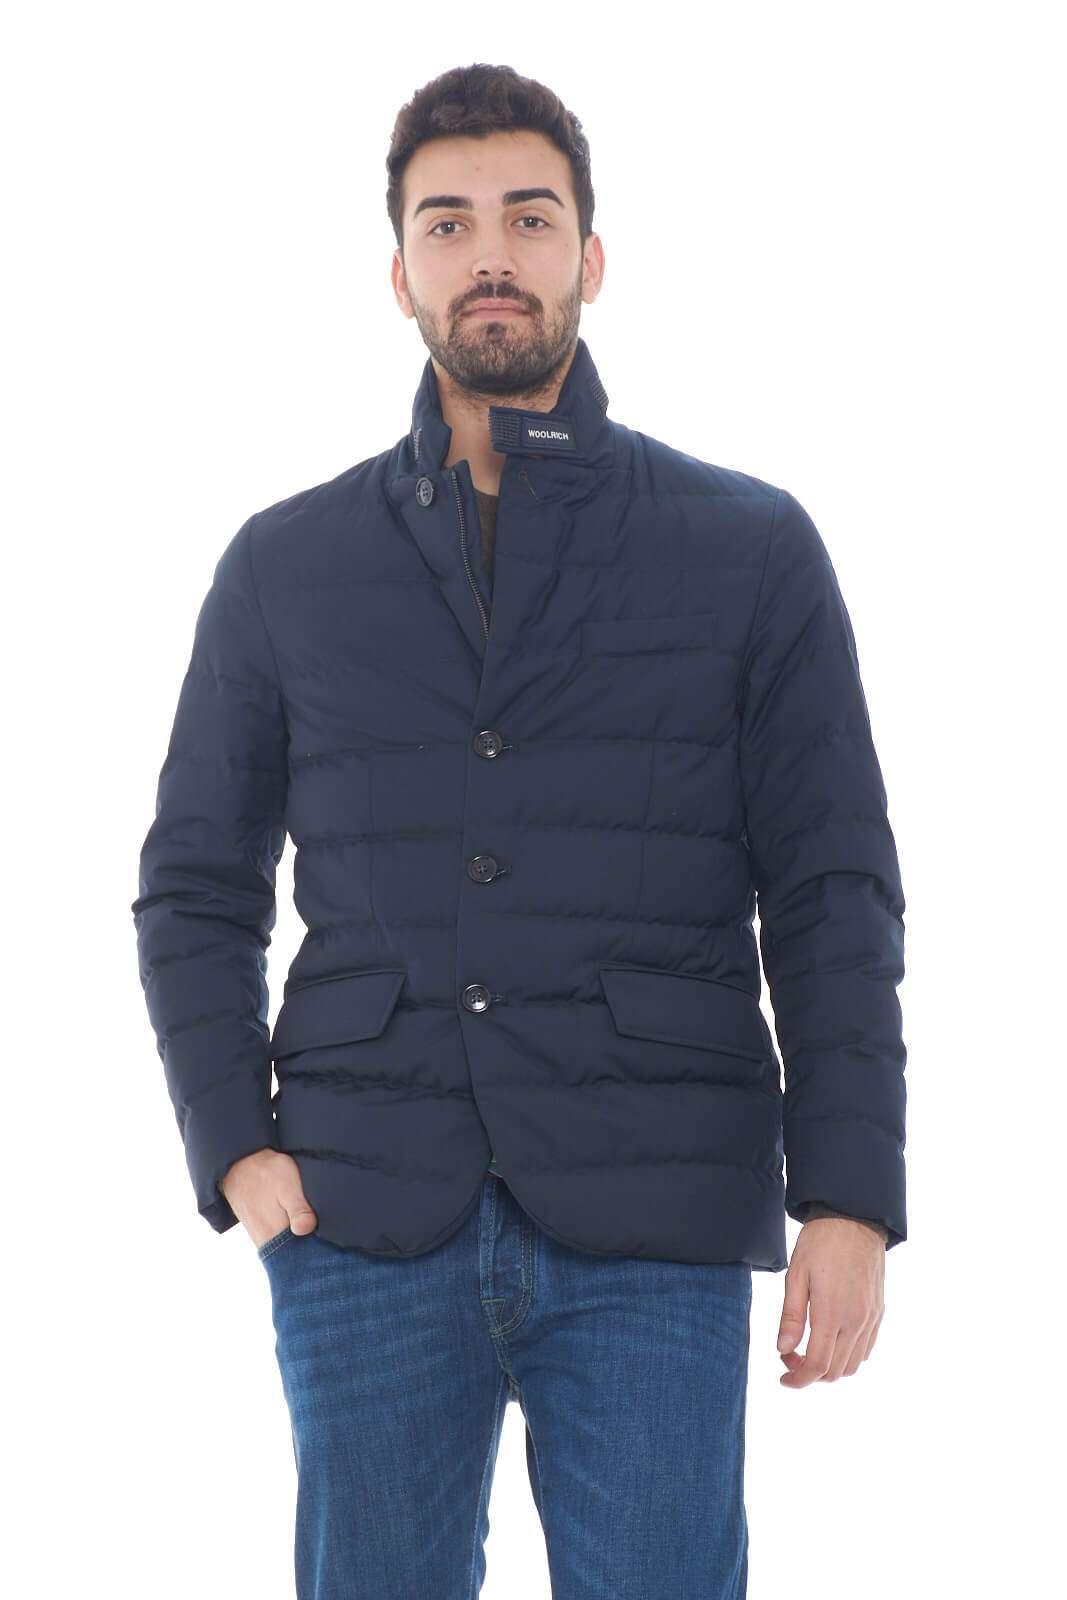 Un piumino dal modello blazer quello firmato dalla collezione autunno inverno di Woolrich.  Caratterizzato dal collo alto e la doppia chiusura con zip e bottoni, esalta la linea con i due spacchi sul retro e con le tasche sul davanti a simulare una giacca.  Comodo e versatile, è perfetto per gli outfit formali.